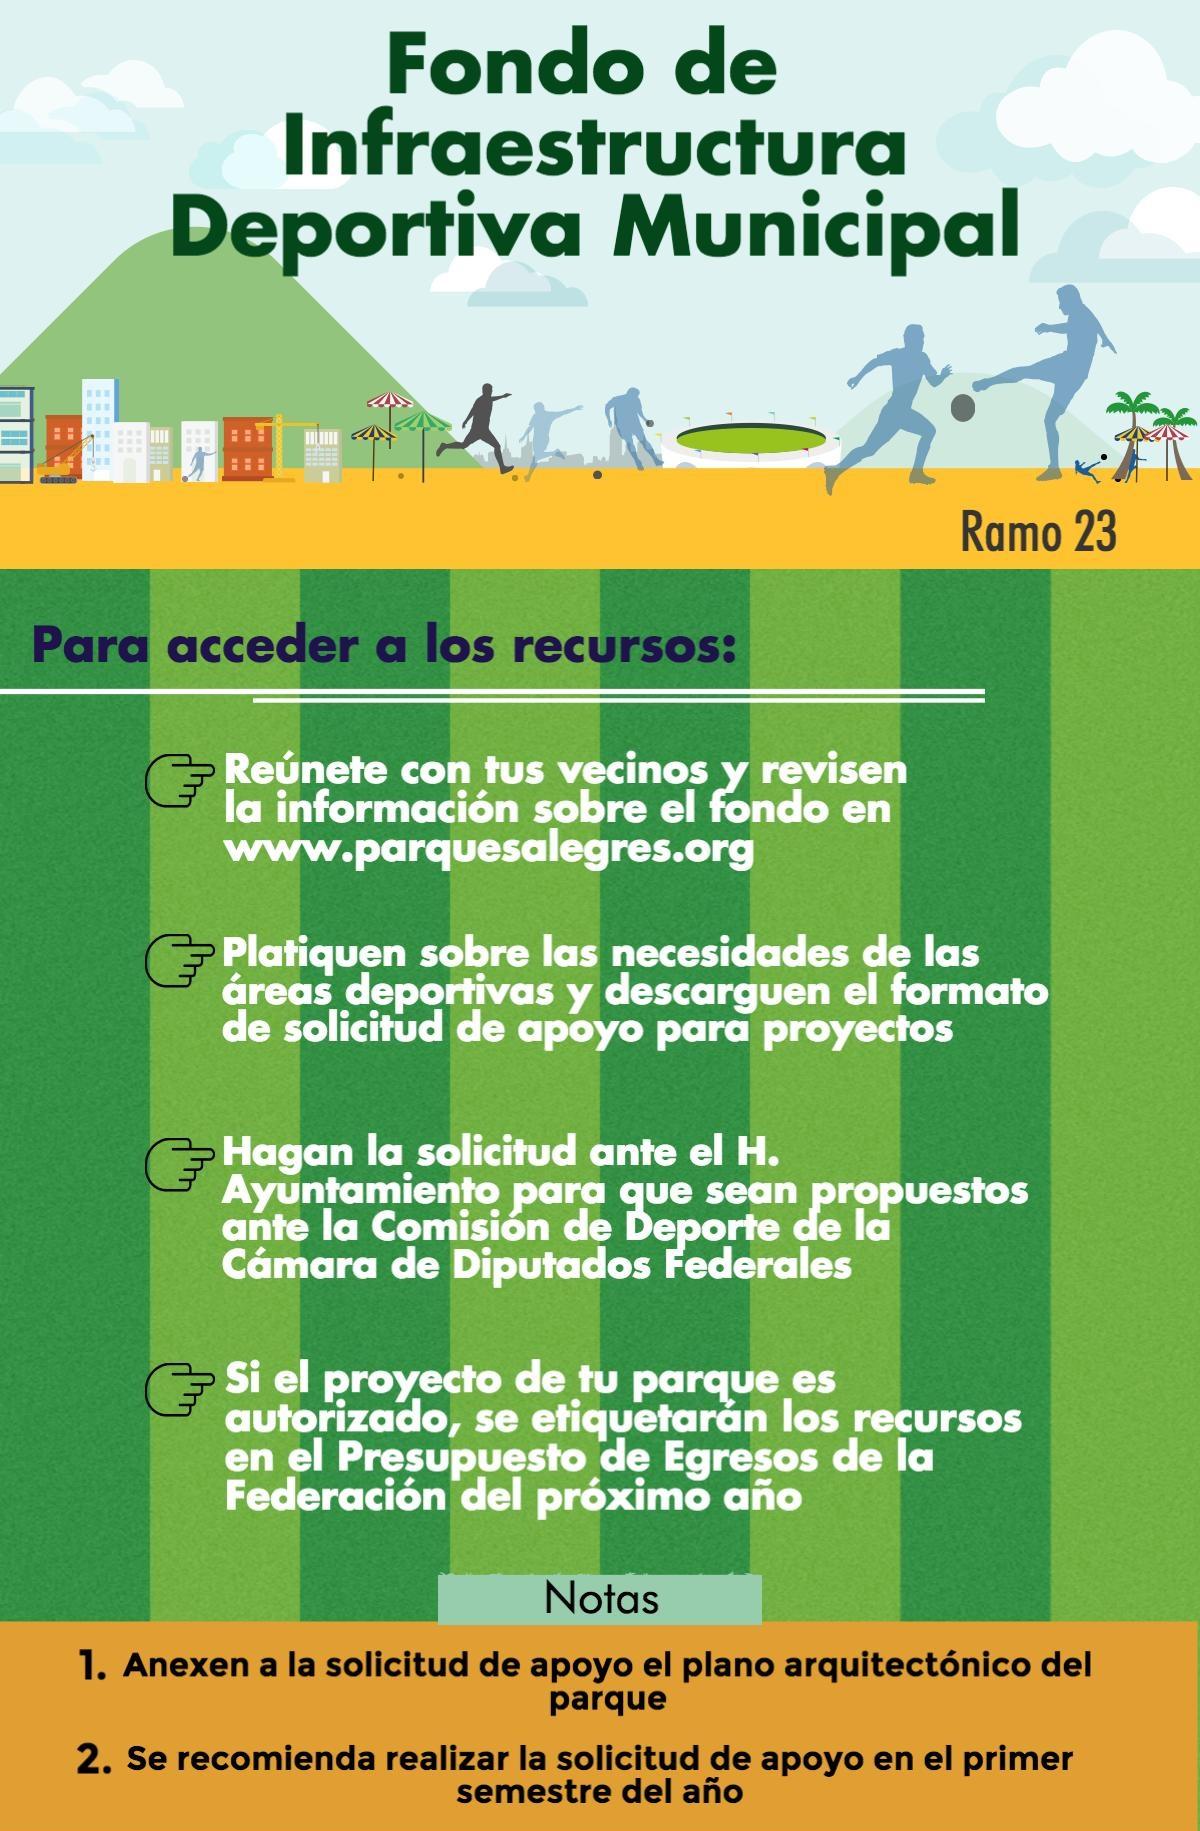 programa de infraestructura deportiva municipal  u2013 ramo 23